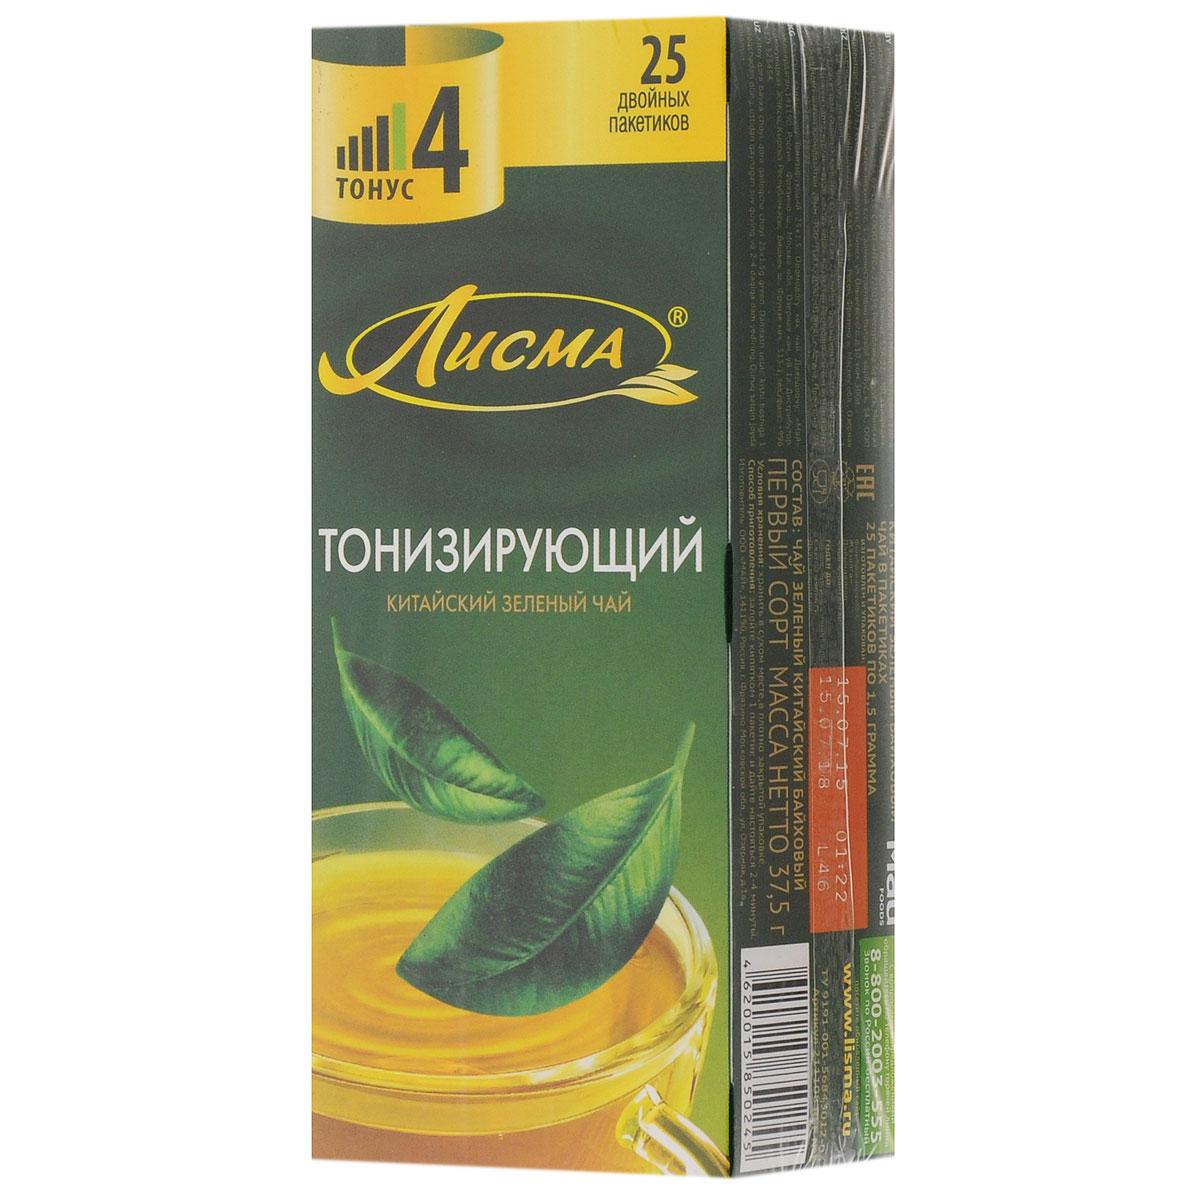 Лисма Тонизирующий зеленый чай в пакетиках, 25 шт